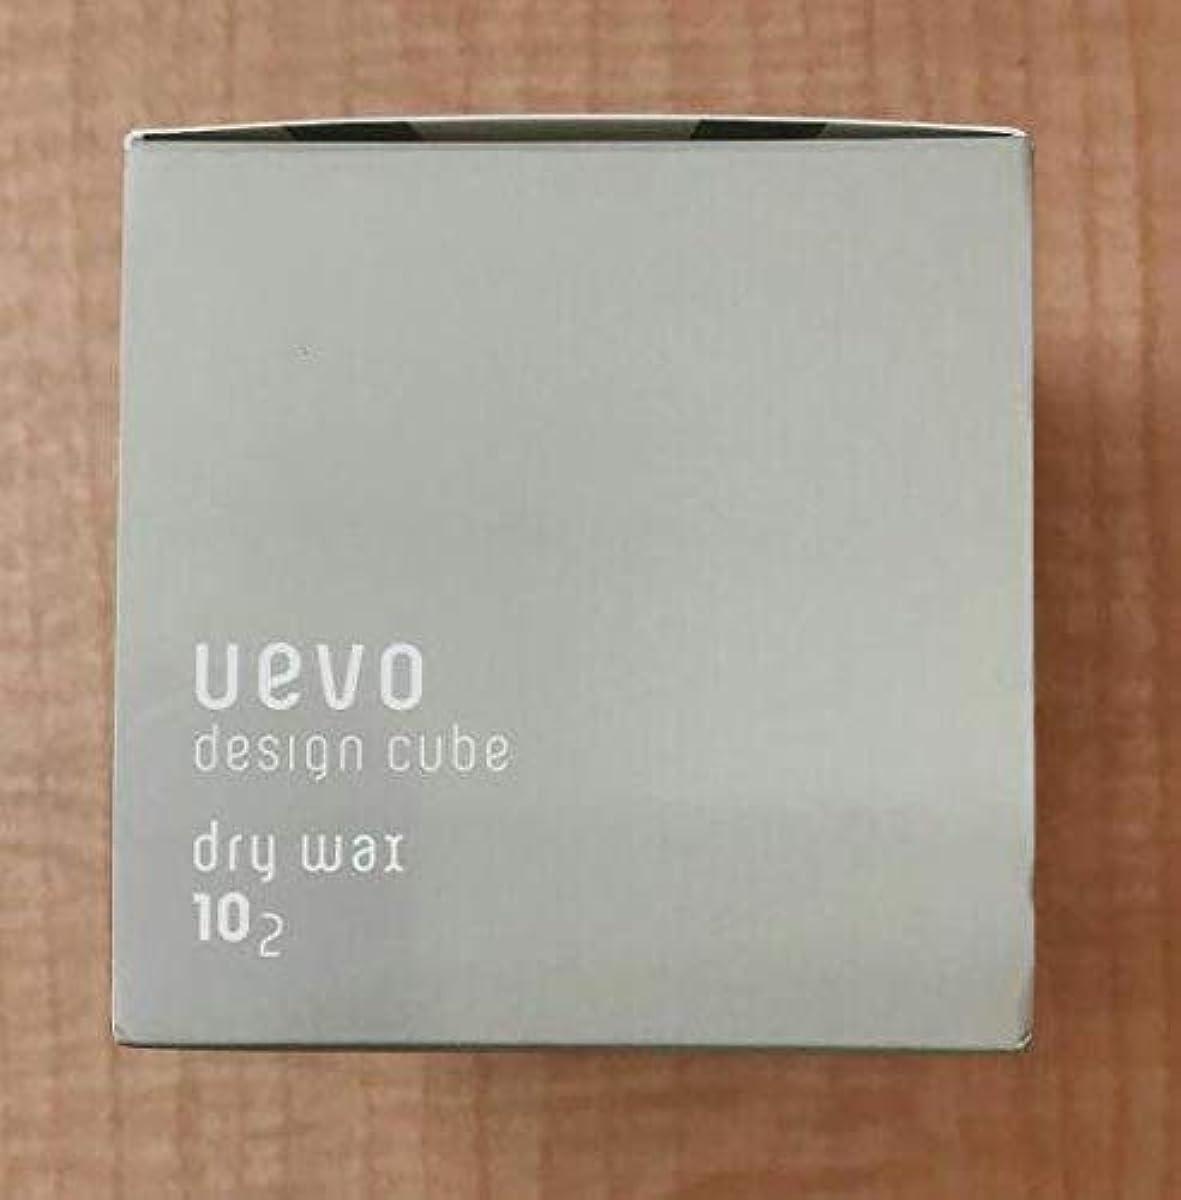 はさみ人事委員長【X2個セット】 デミ ウェーボ デザインキューブ ドライワックス 80g dry wax